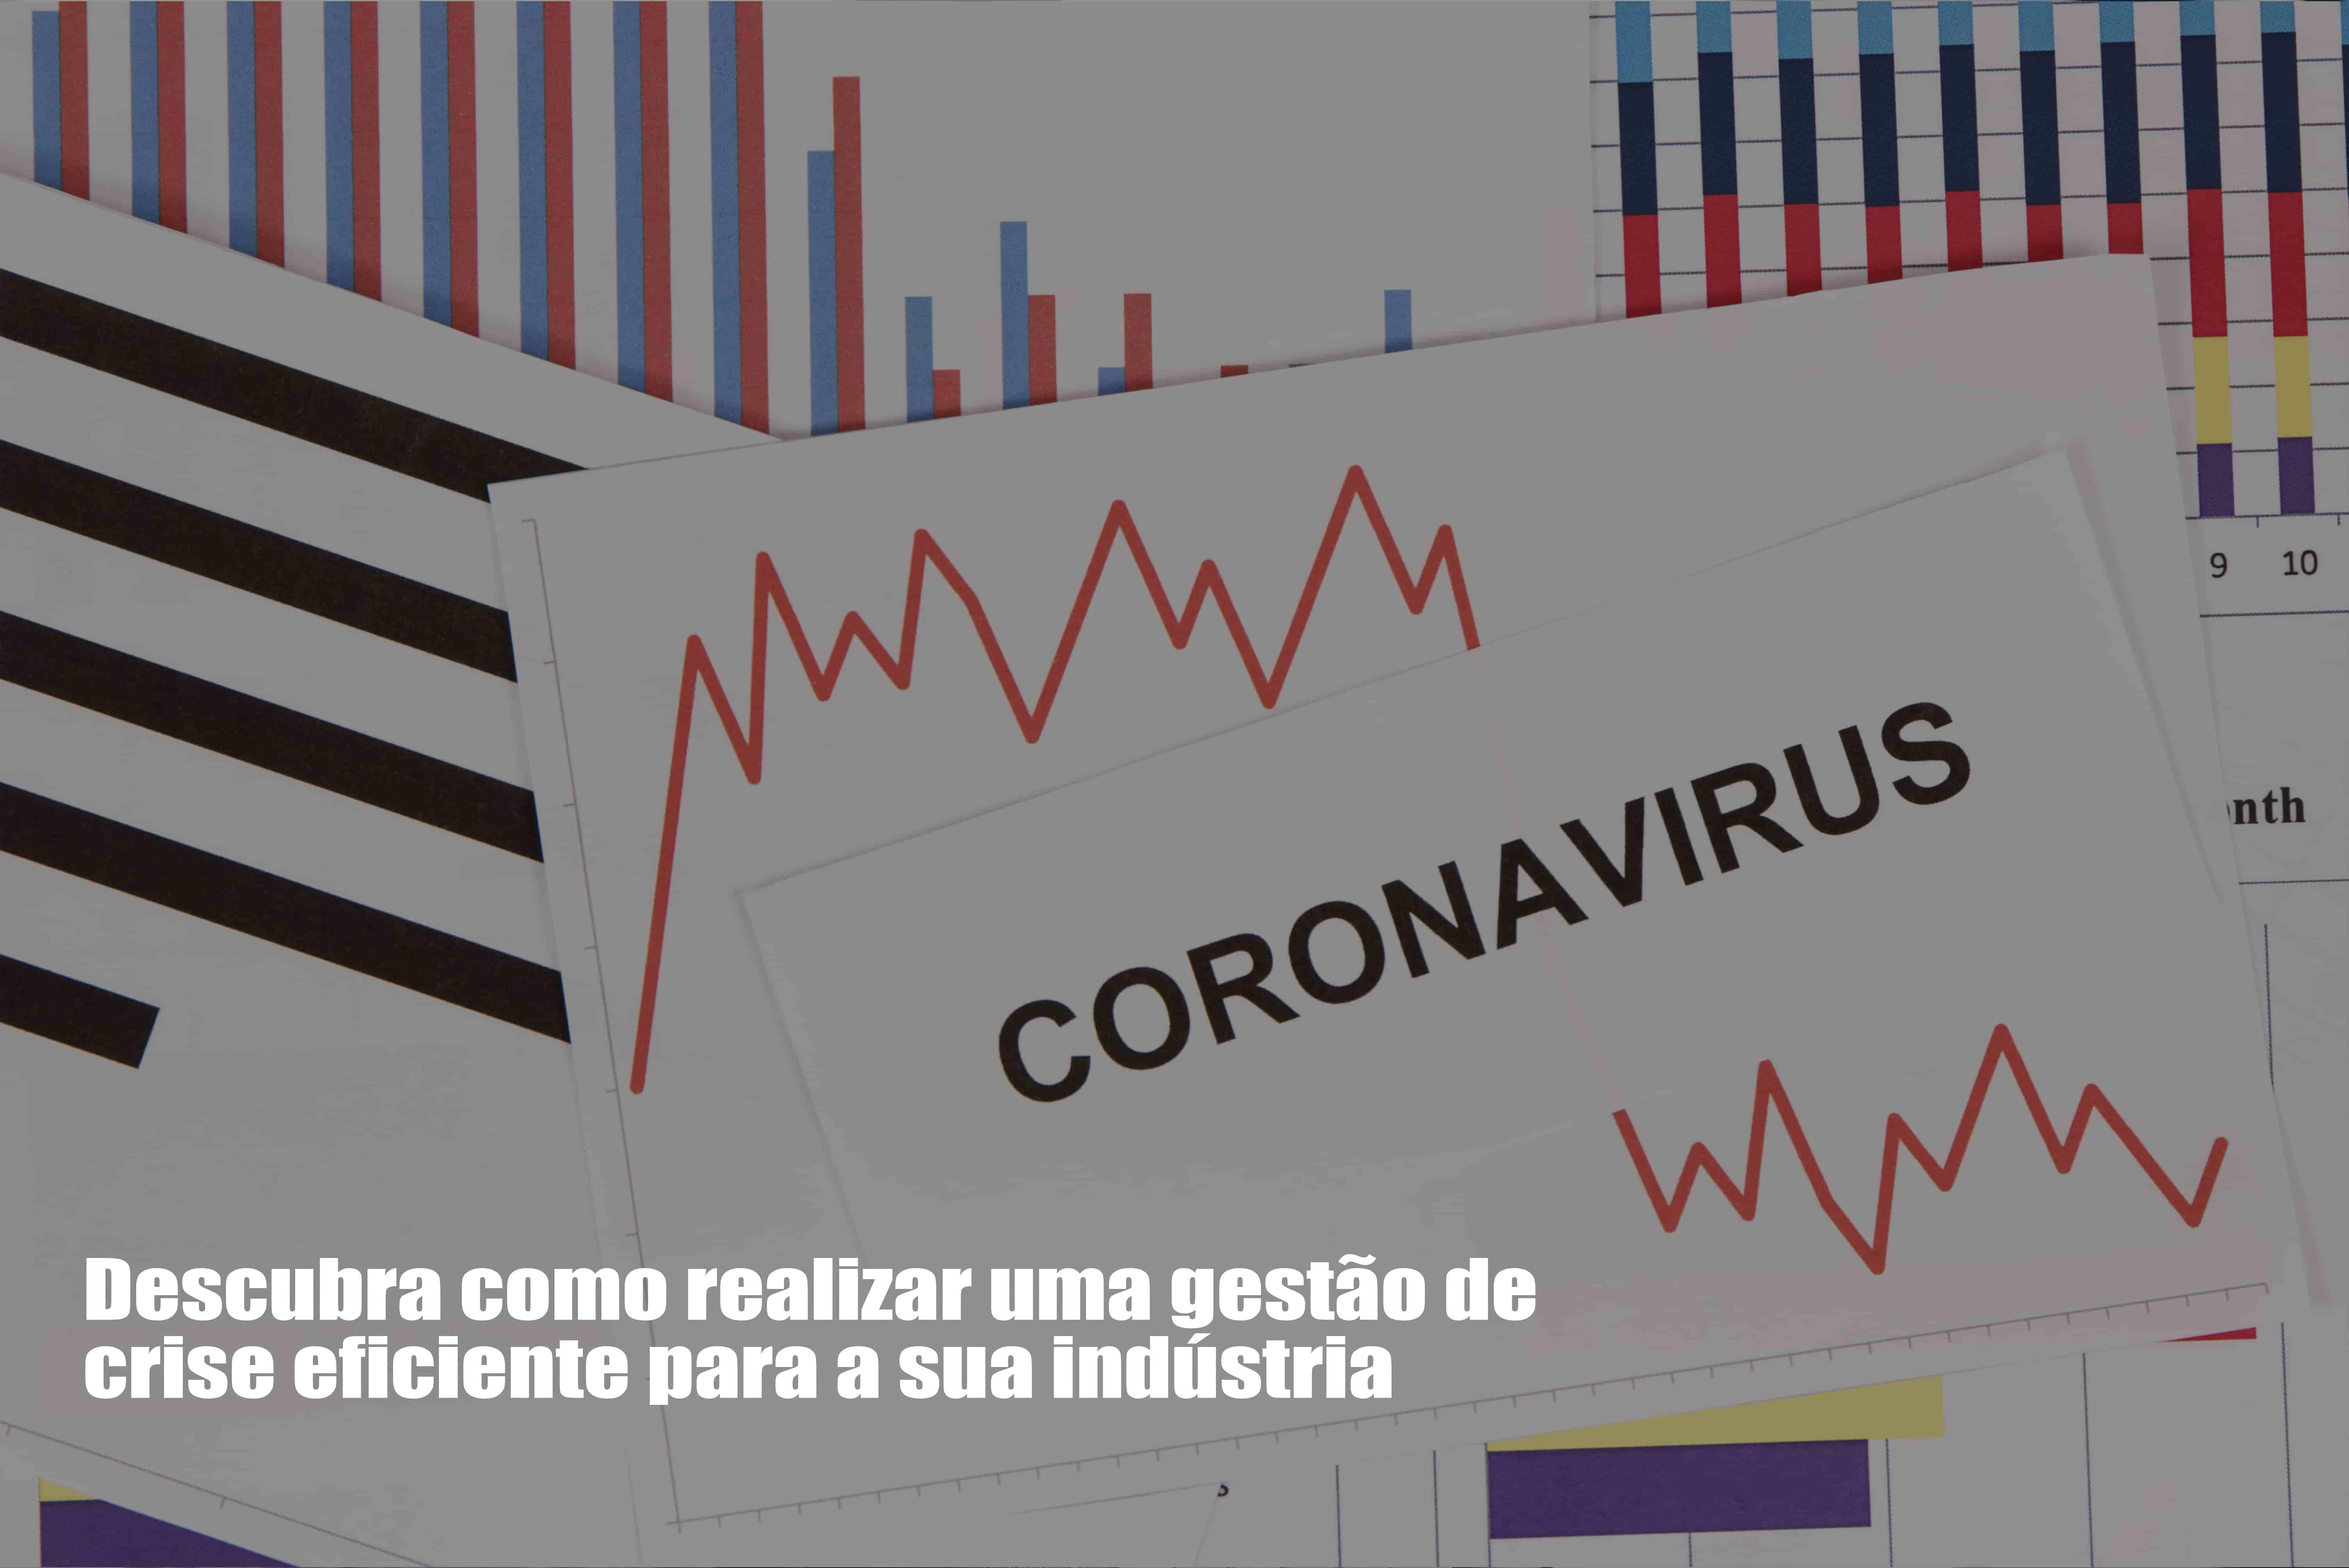 Industria Posst - Contabilidade na Zona Leste em São Paulo - SP | Porto Lemes - Gestão de crise na Indústria: Como ser efetivo?